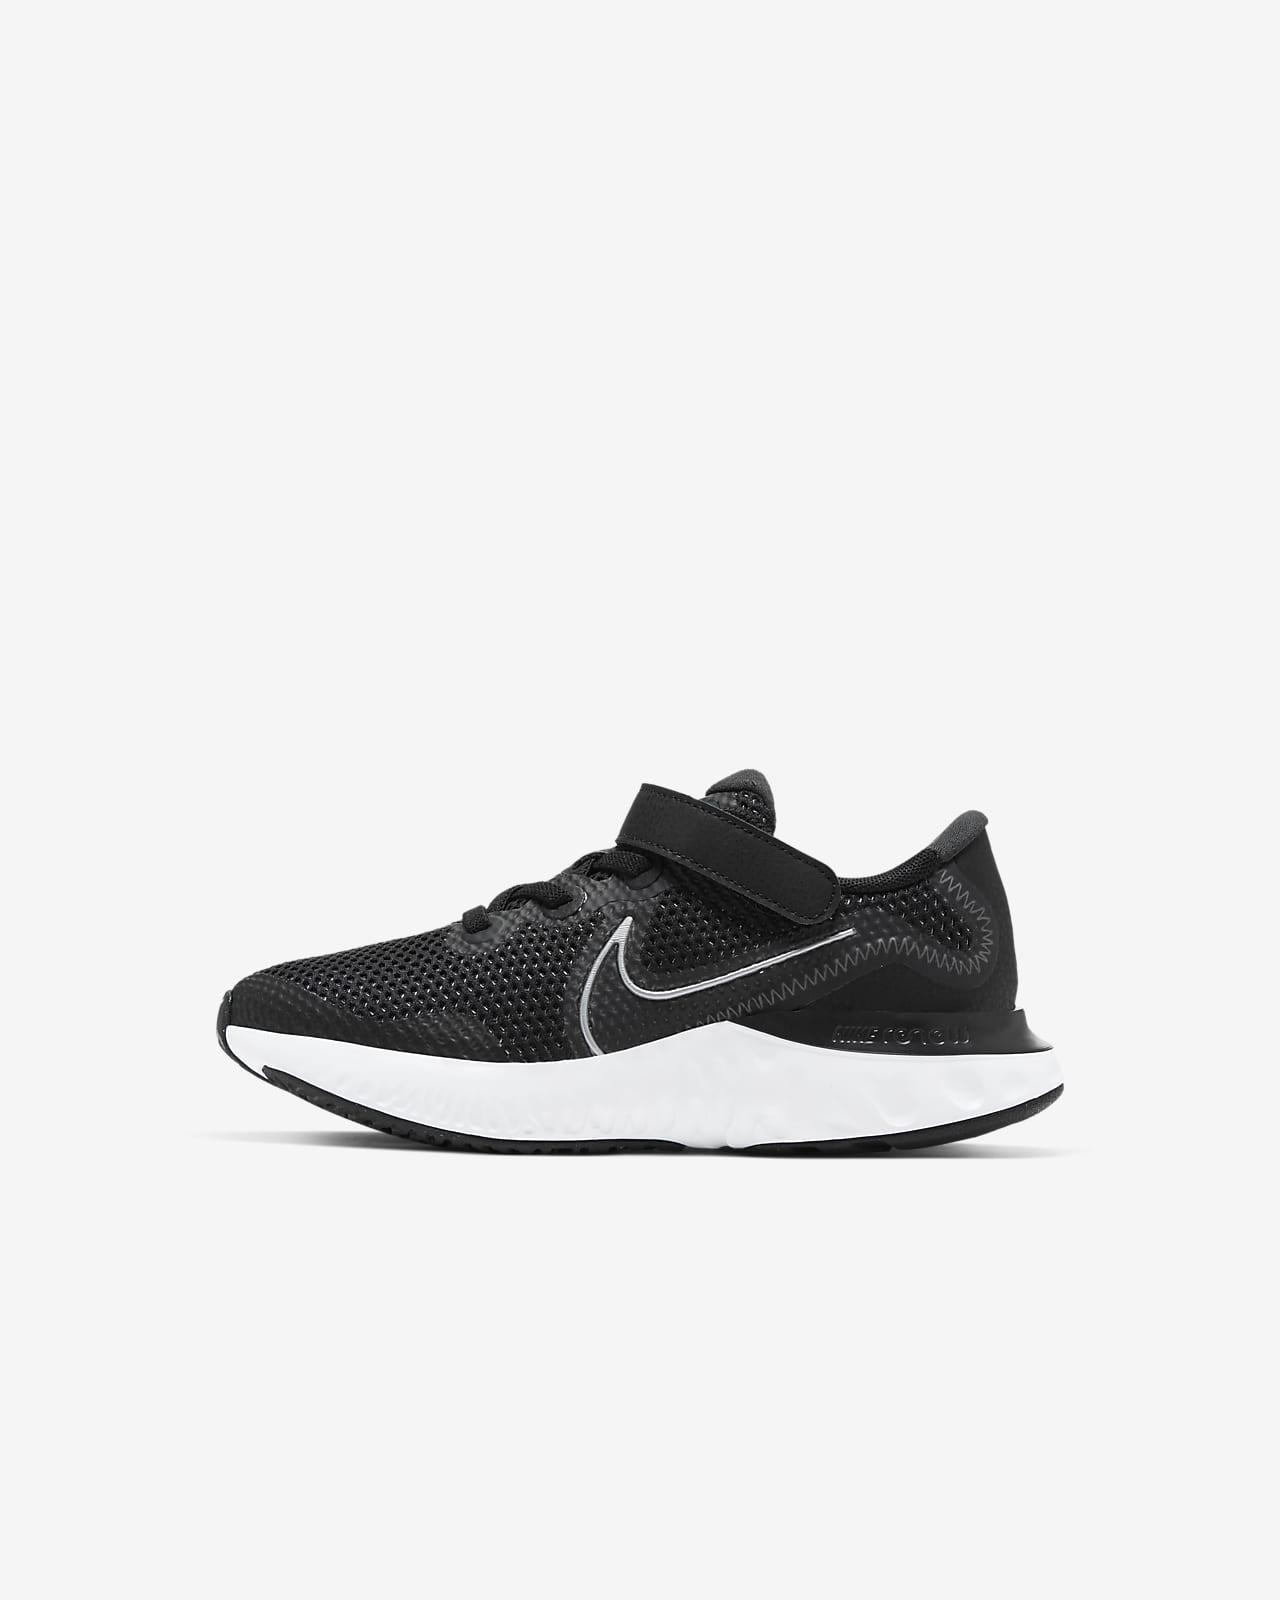 Nike Renew Run Schuh für jüngere Kinder